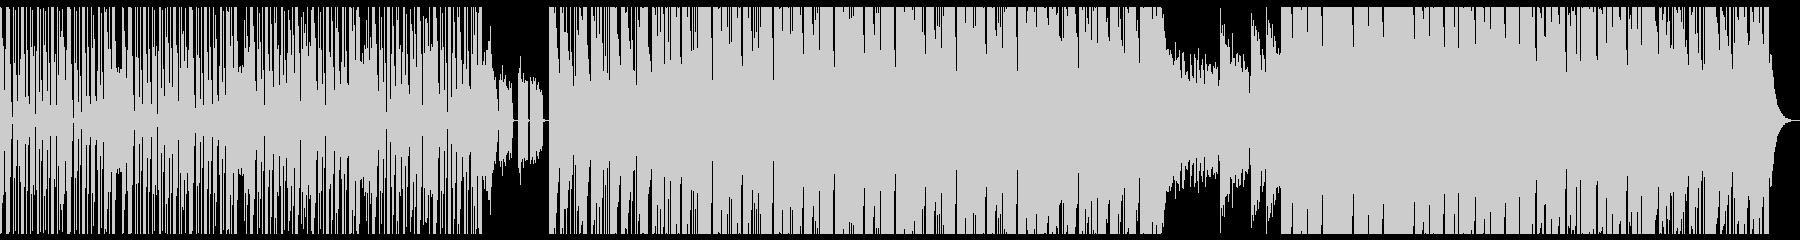 パワーがみなぎる演出をしたヒップホップの未再生の波形